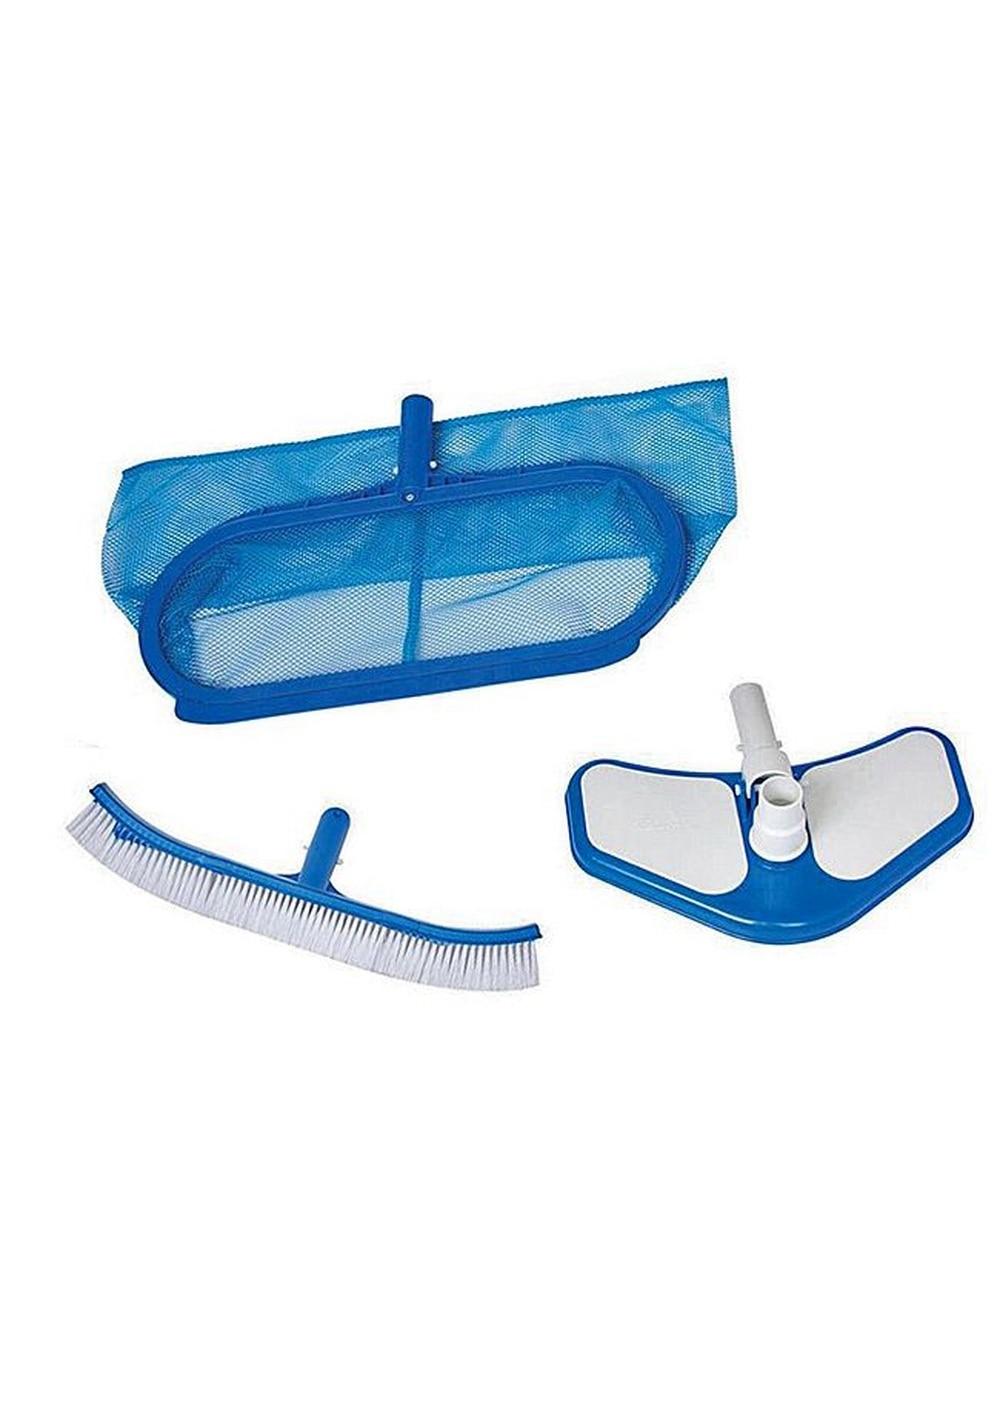 Set Of Nozzles Cleaner Swimming Pool Intex Accessories Pool Intex, Intex Item No. 29057